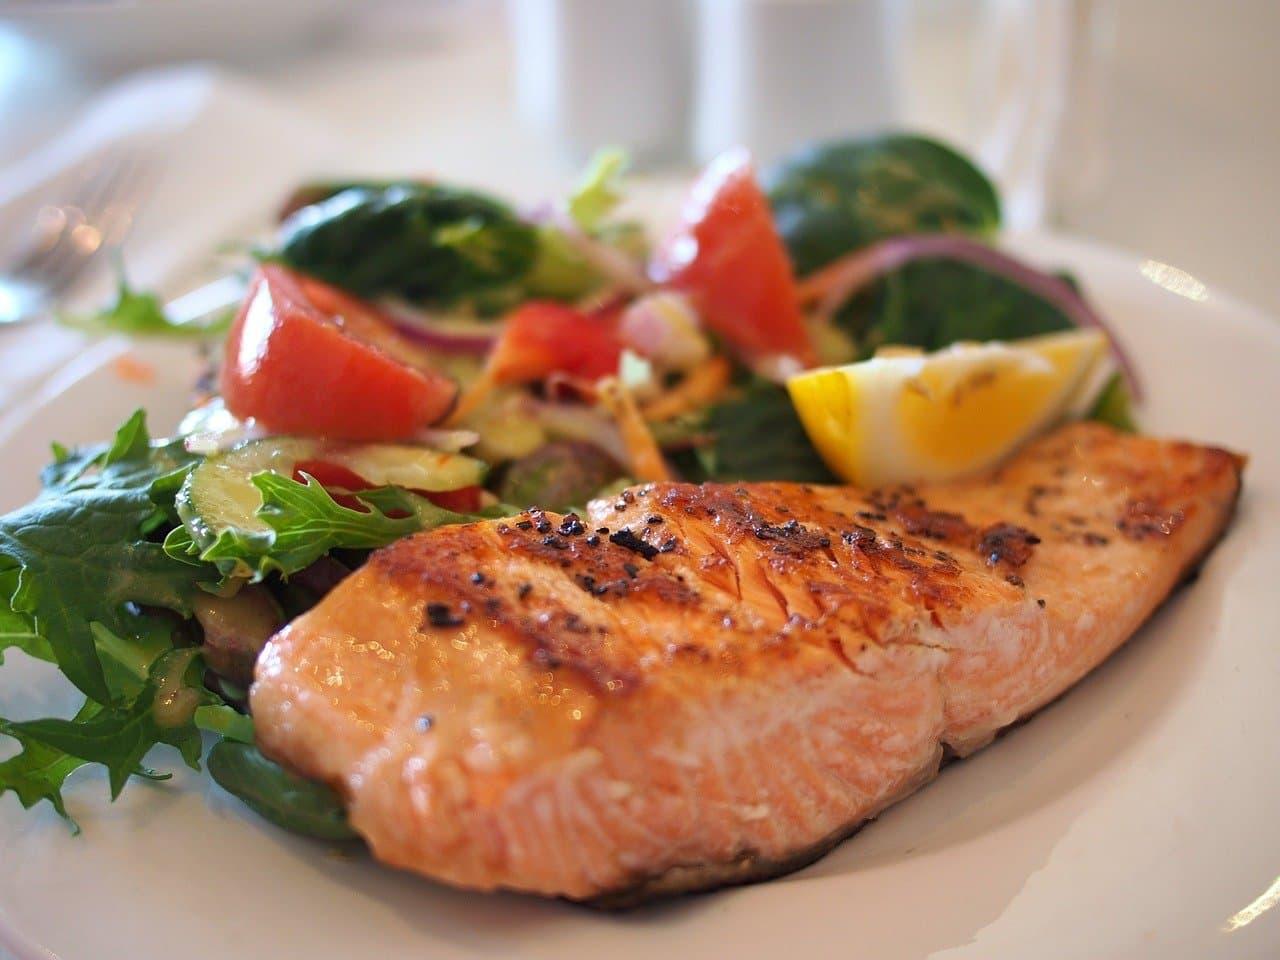 5 легких блюд из рыбы на новогодний стол в 2021 году